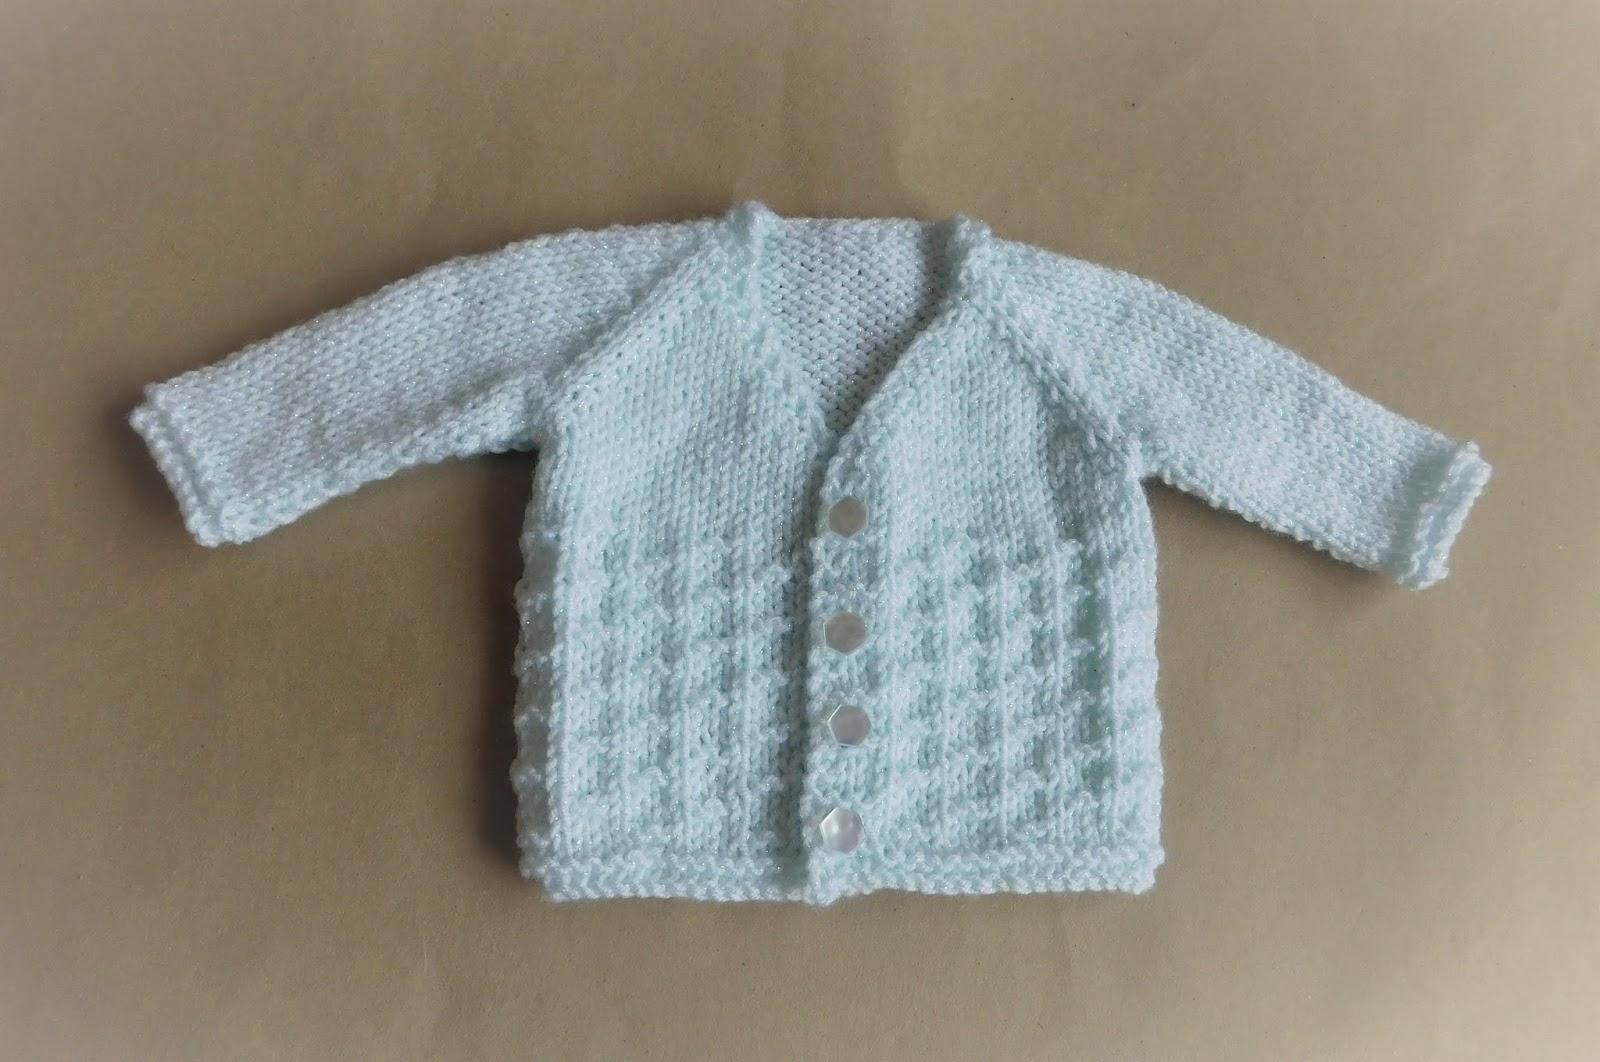 eeb5bc427 Marianna s Lazy Daisy Days  NEVIS Top-down V-neck Baby Cardigan Jacket